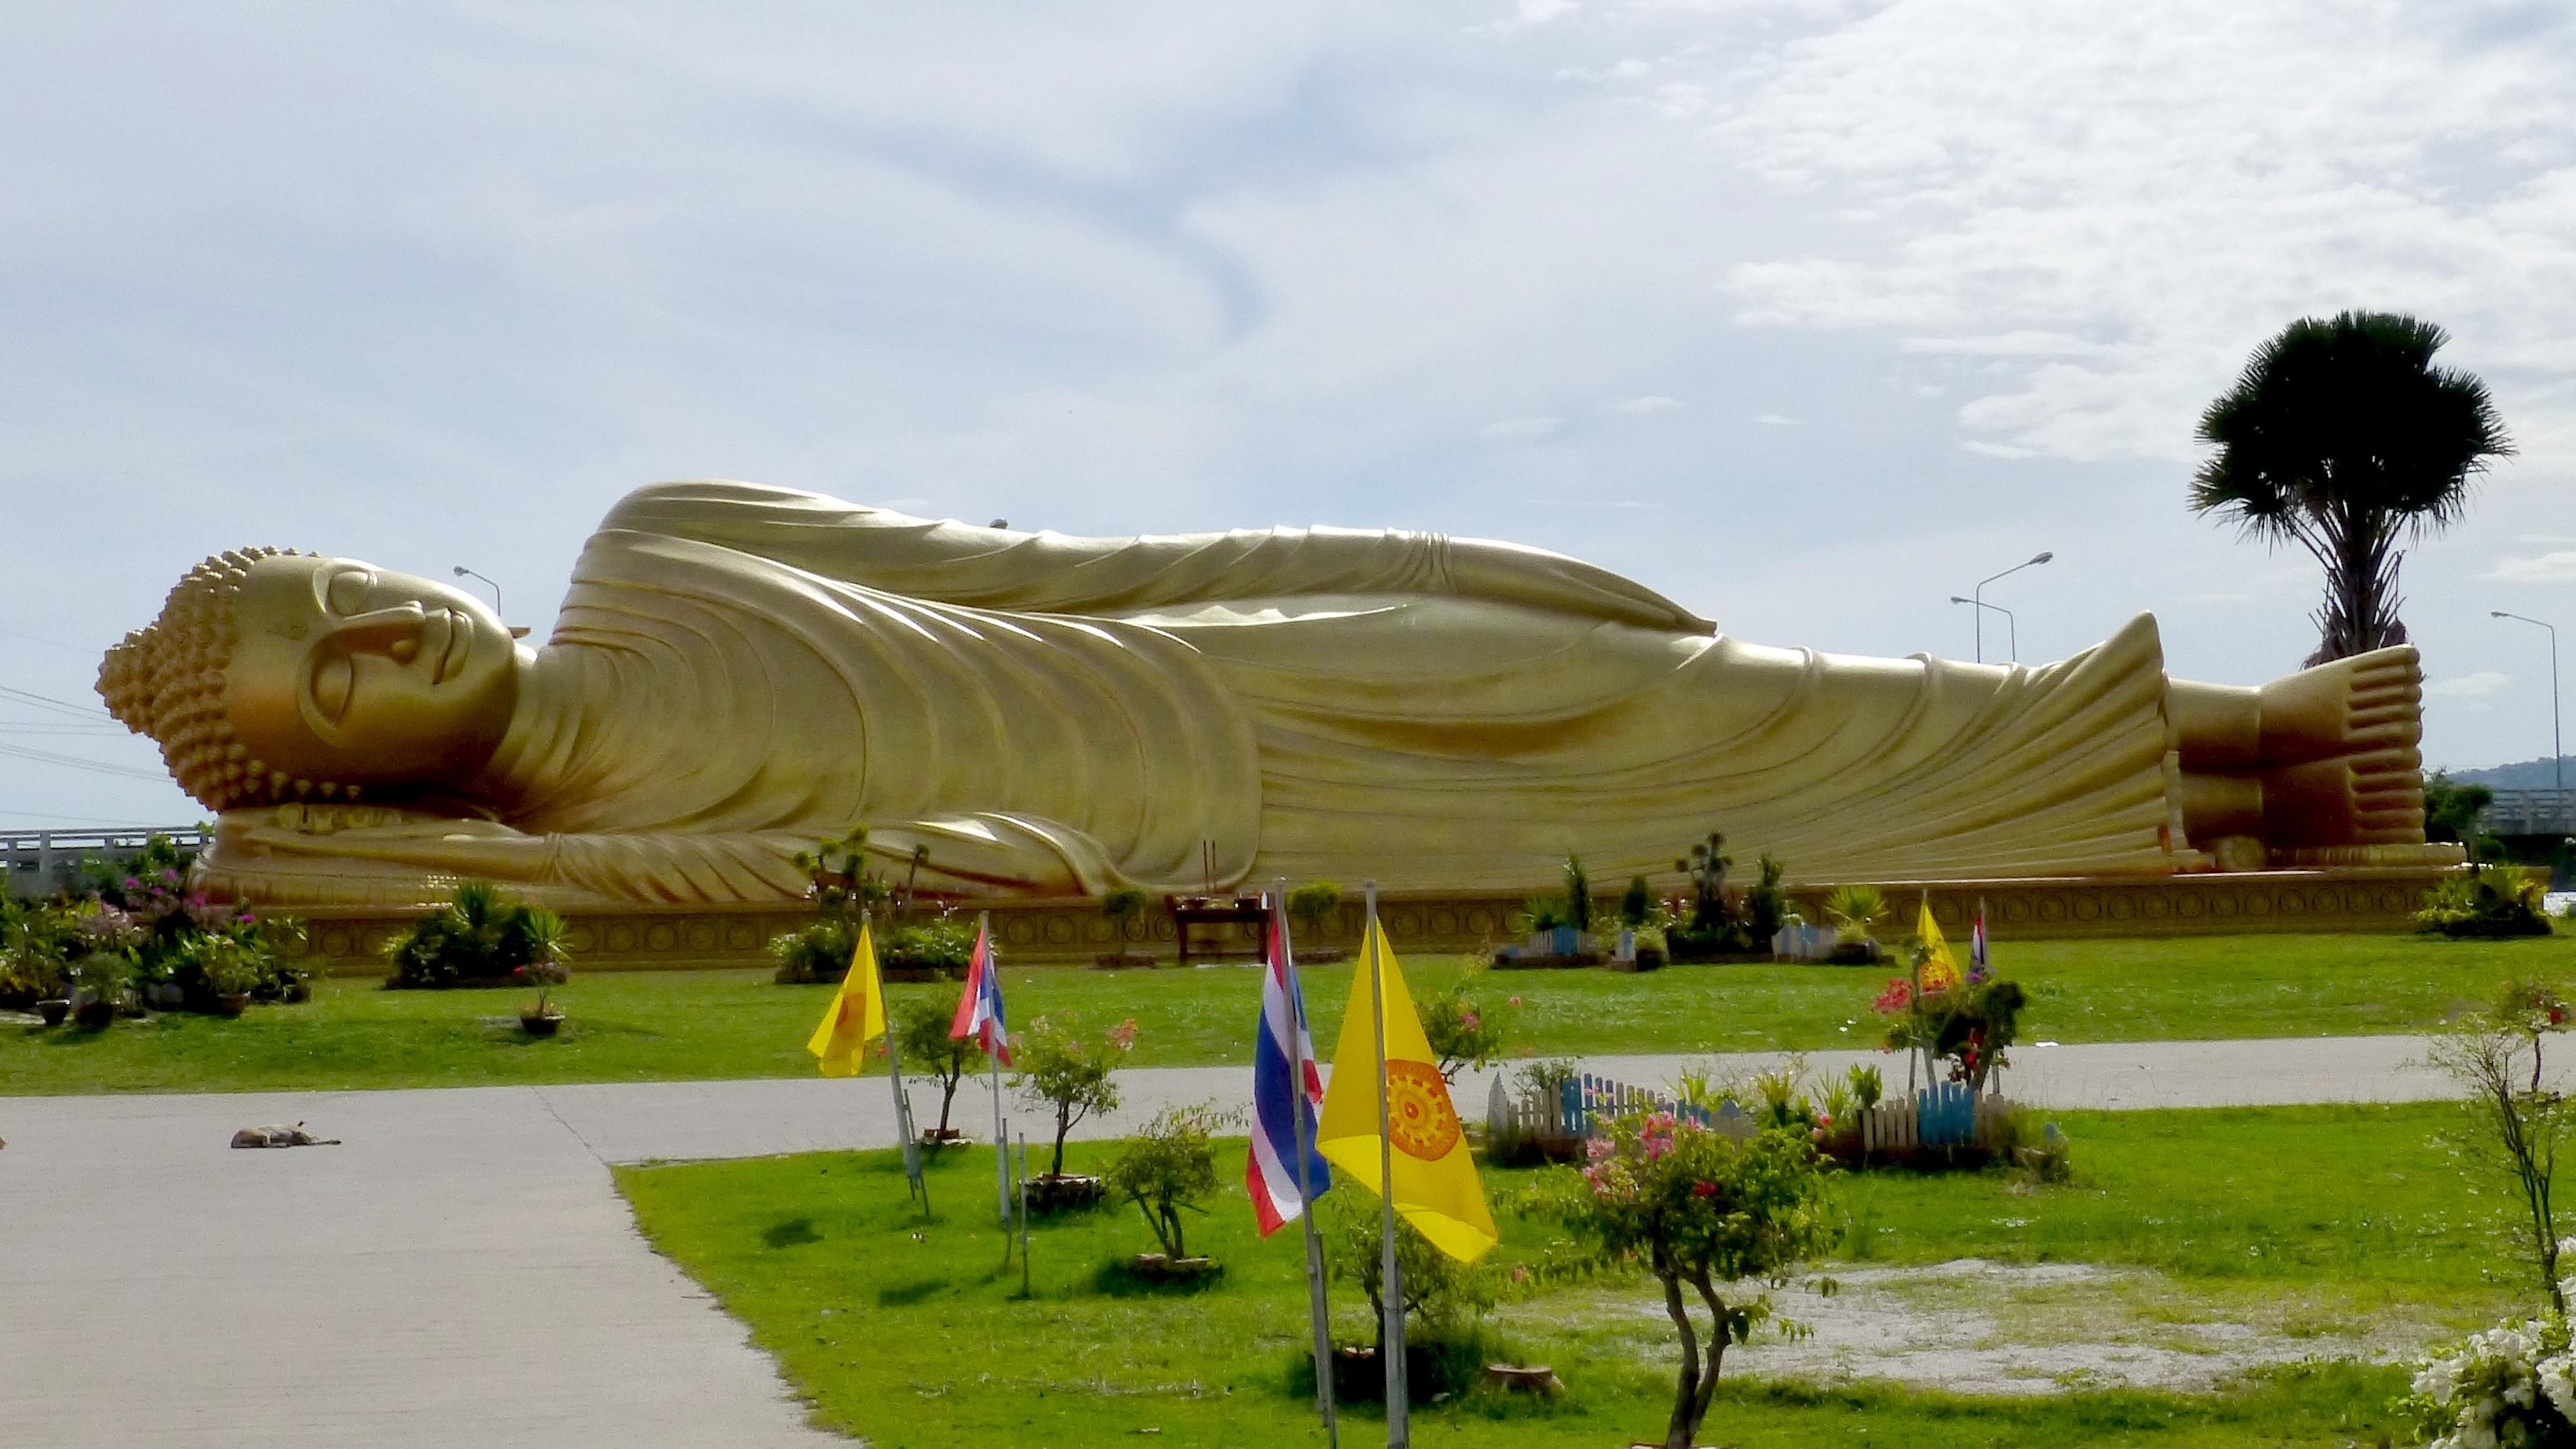 FileWat Phranon Laem Pho - 001 Reclining Buddha Statue (10358770663).jpg & File:Wat Phranon Laem Pho - 001 Reclining Buddha Statue ... islam-shia.org